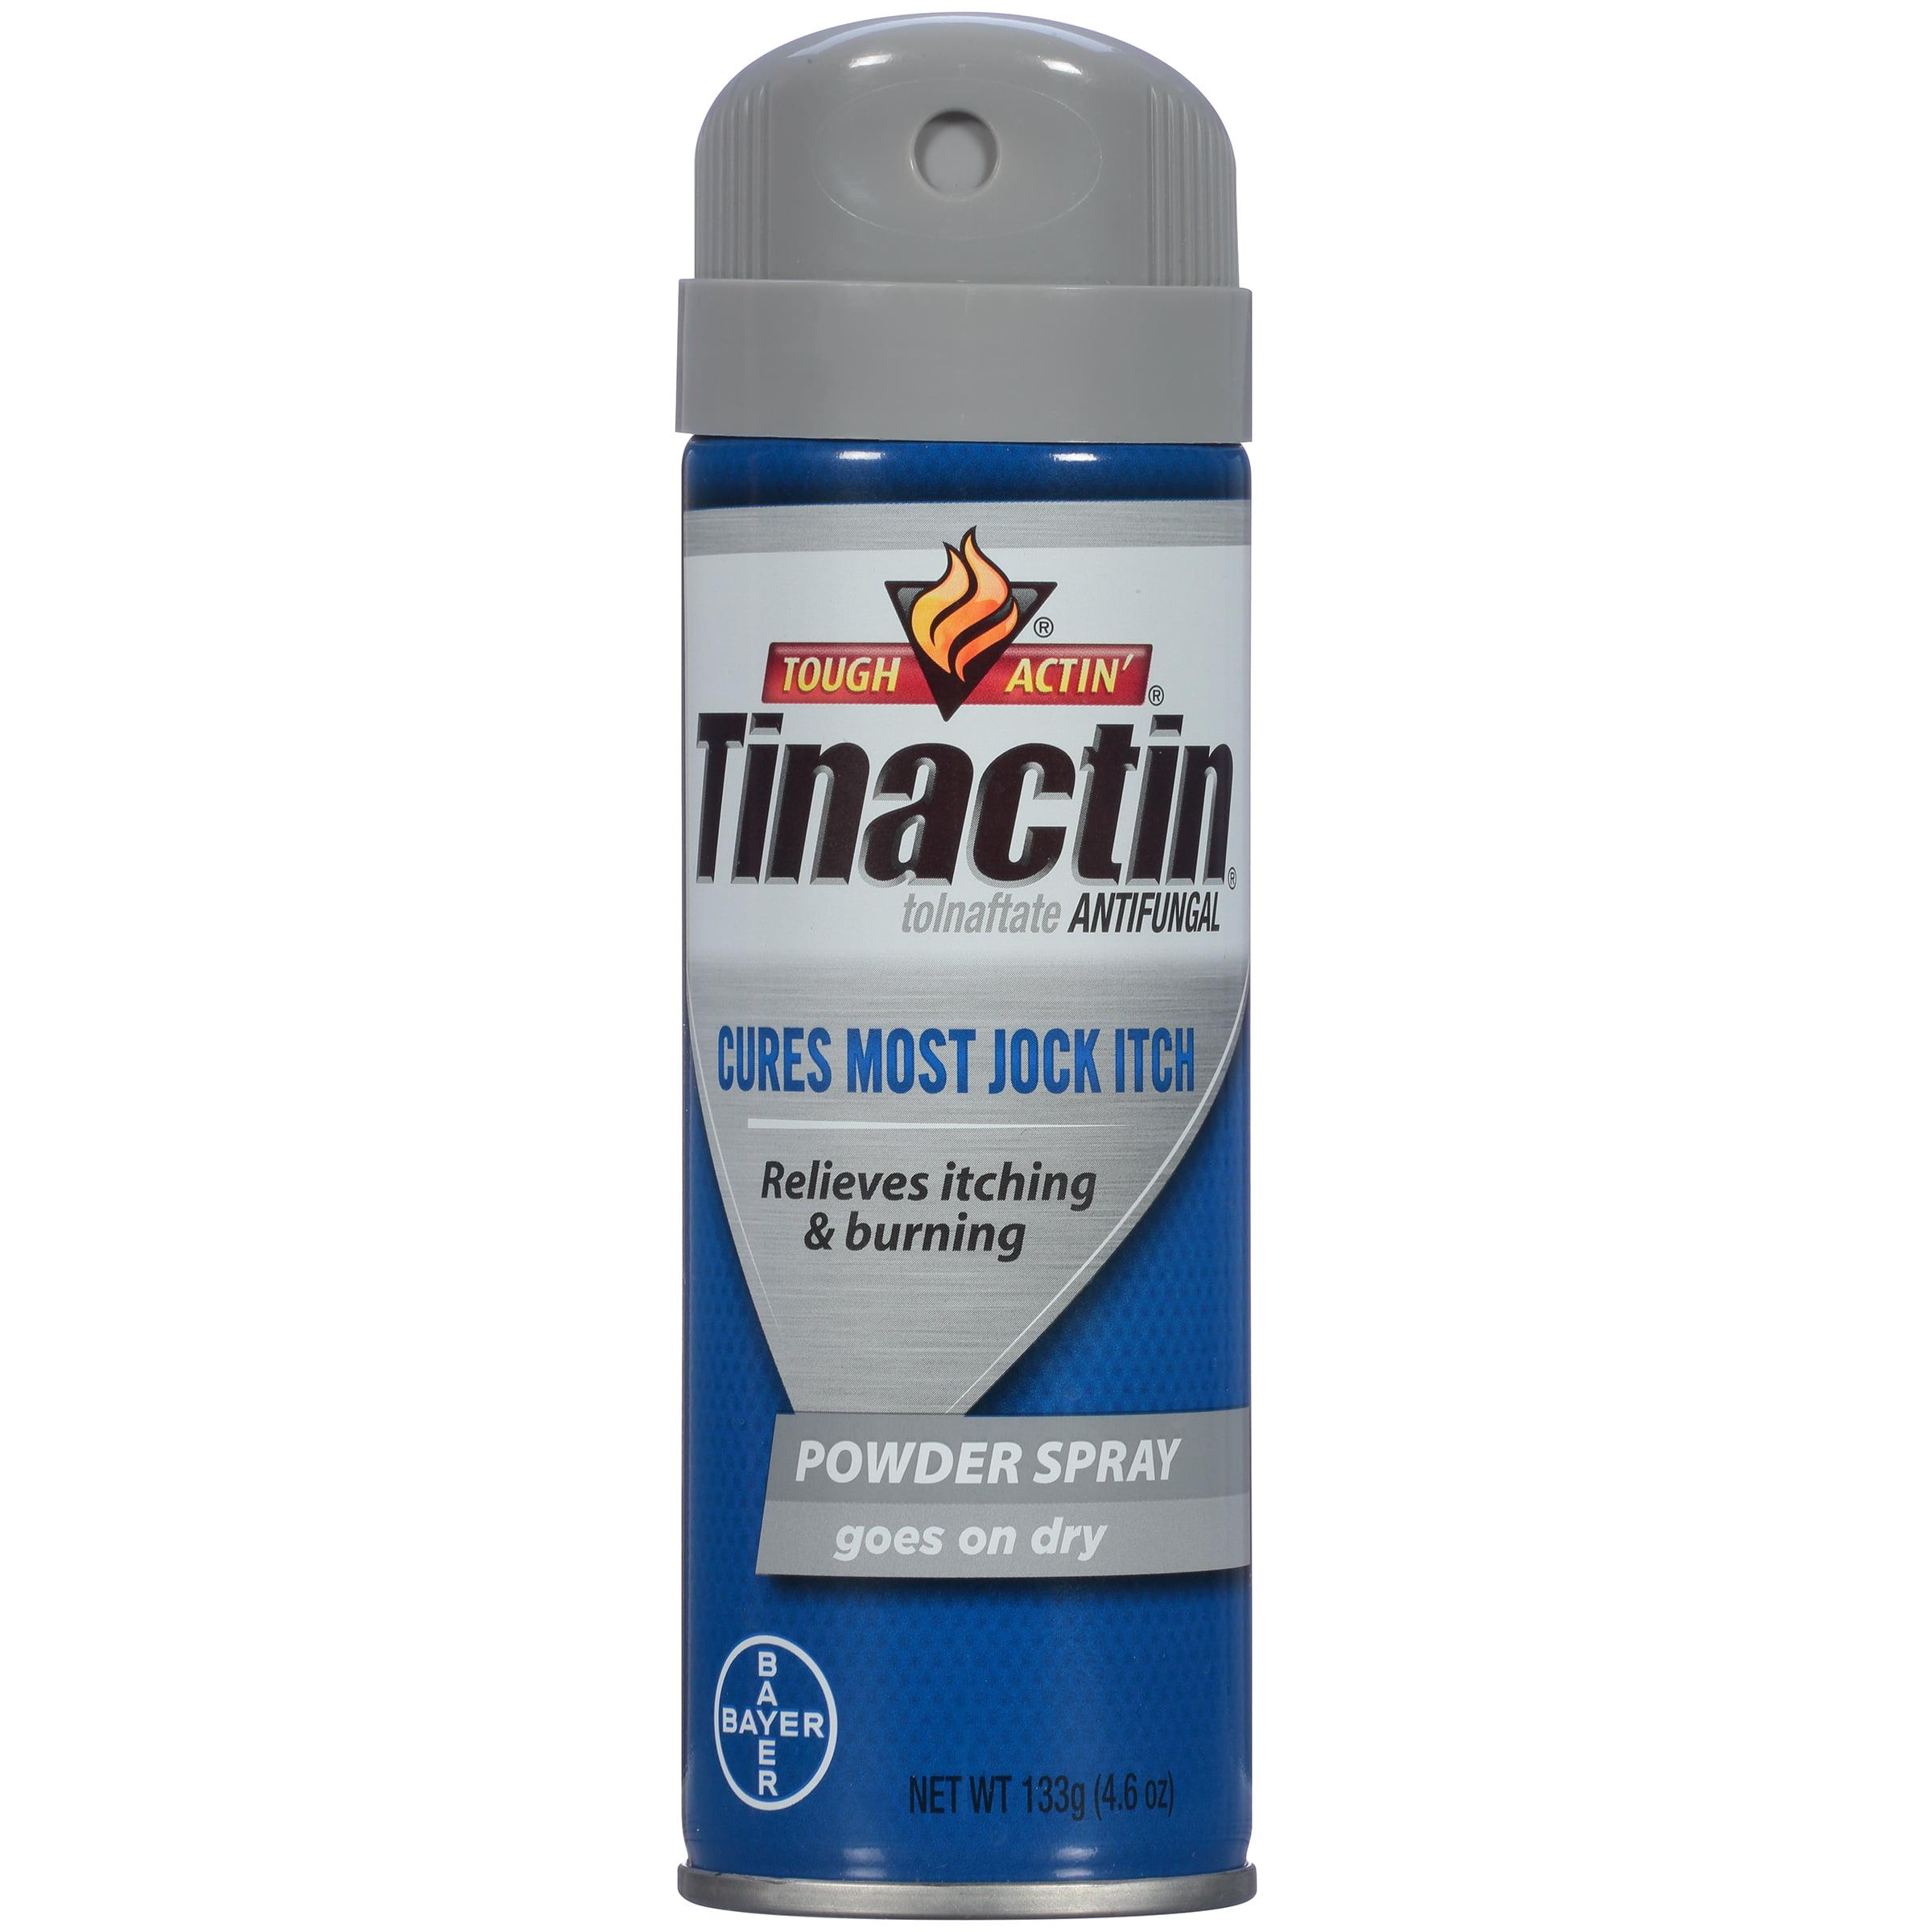 Tinactin Jock Itch Antifungal Treatment Powder Spray, 4.6 Ounce Can